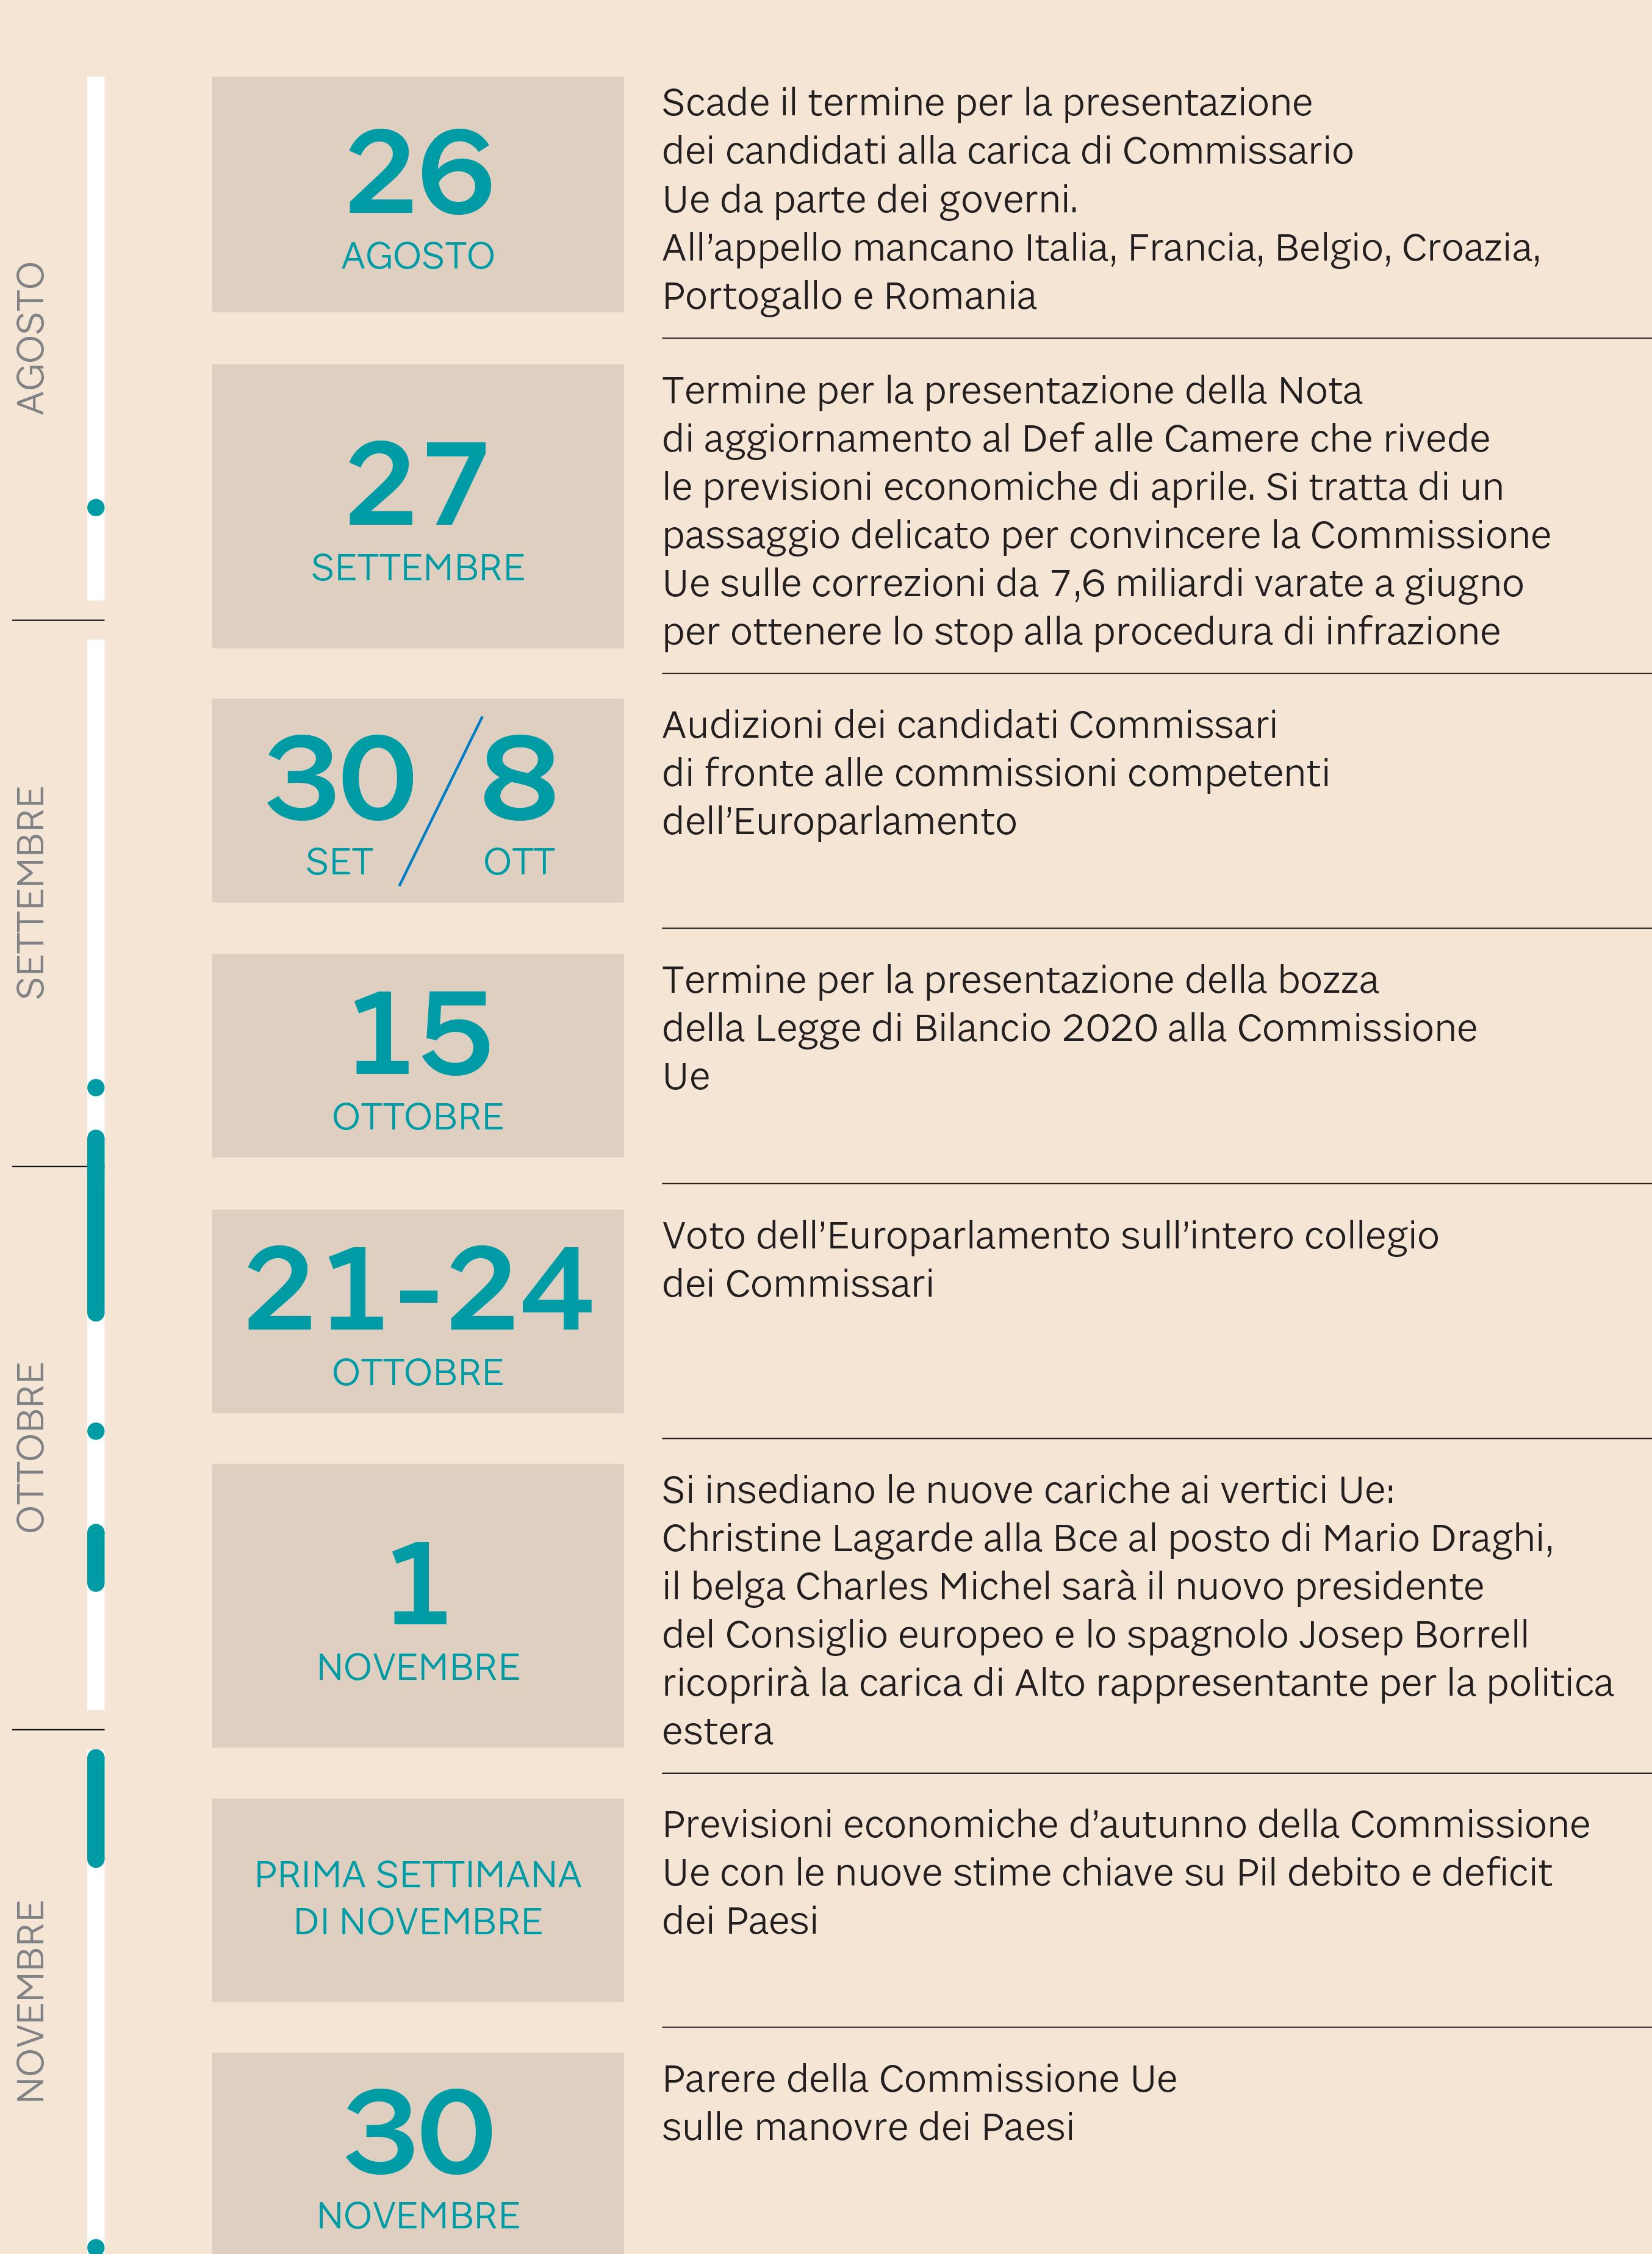 LA TIMELINE TRA ROMA E LA UE